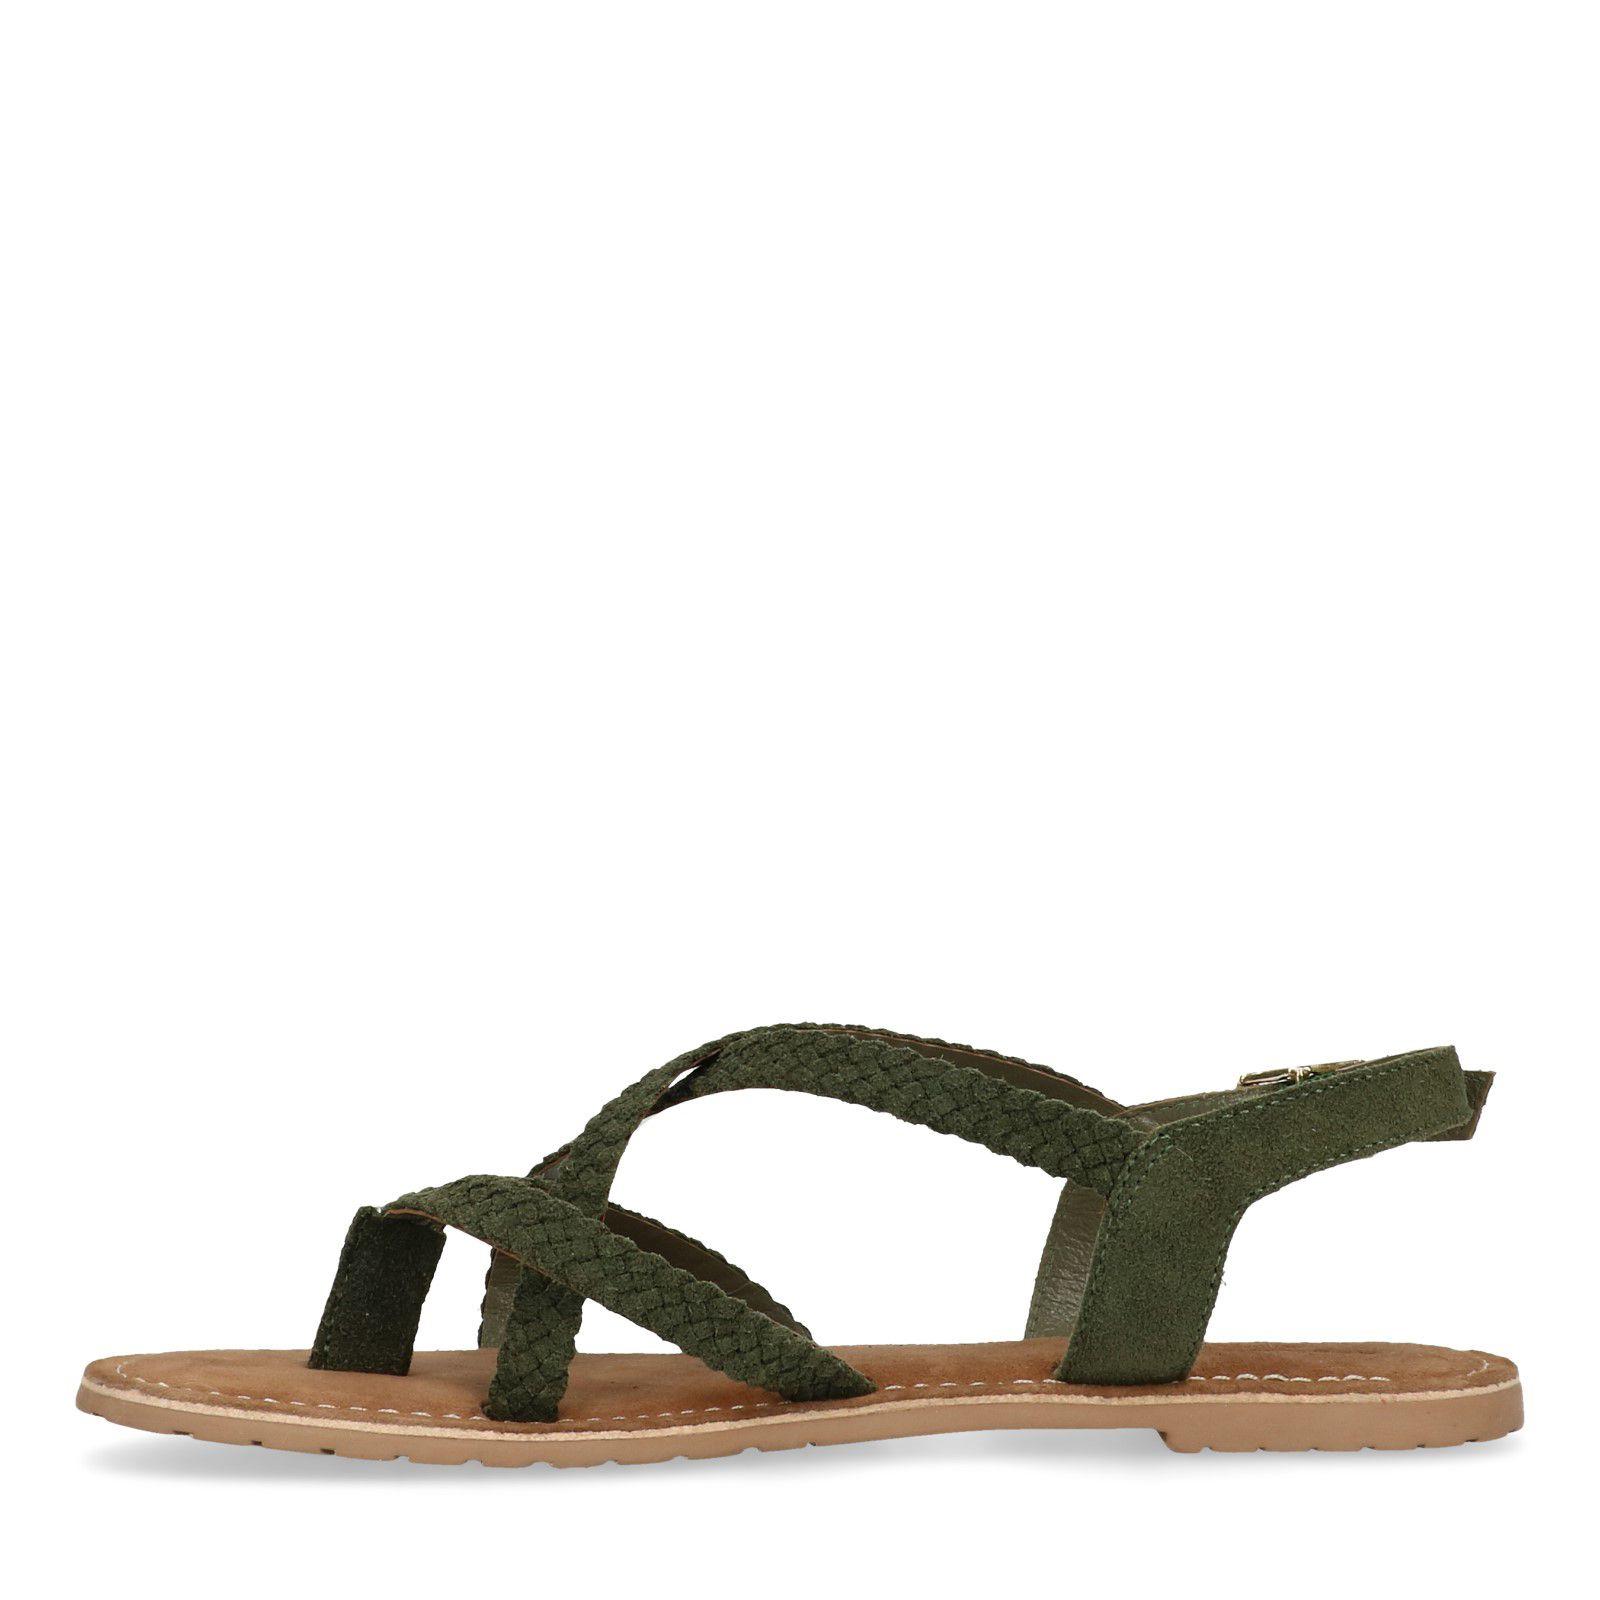 Grüne Sandalen mit geflochtenen Riemchen (36 Verkauf Der Neuen Ankunft zs6Ht